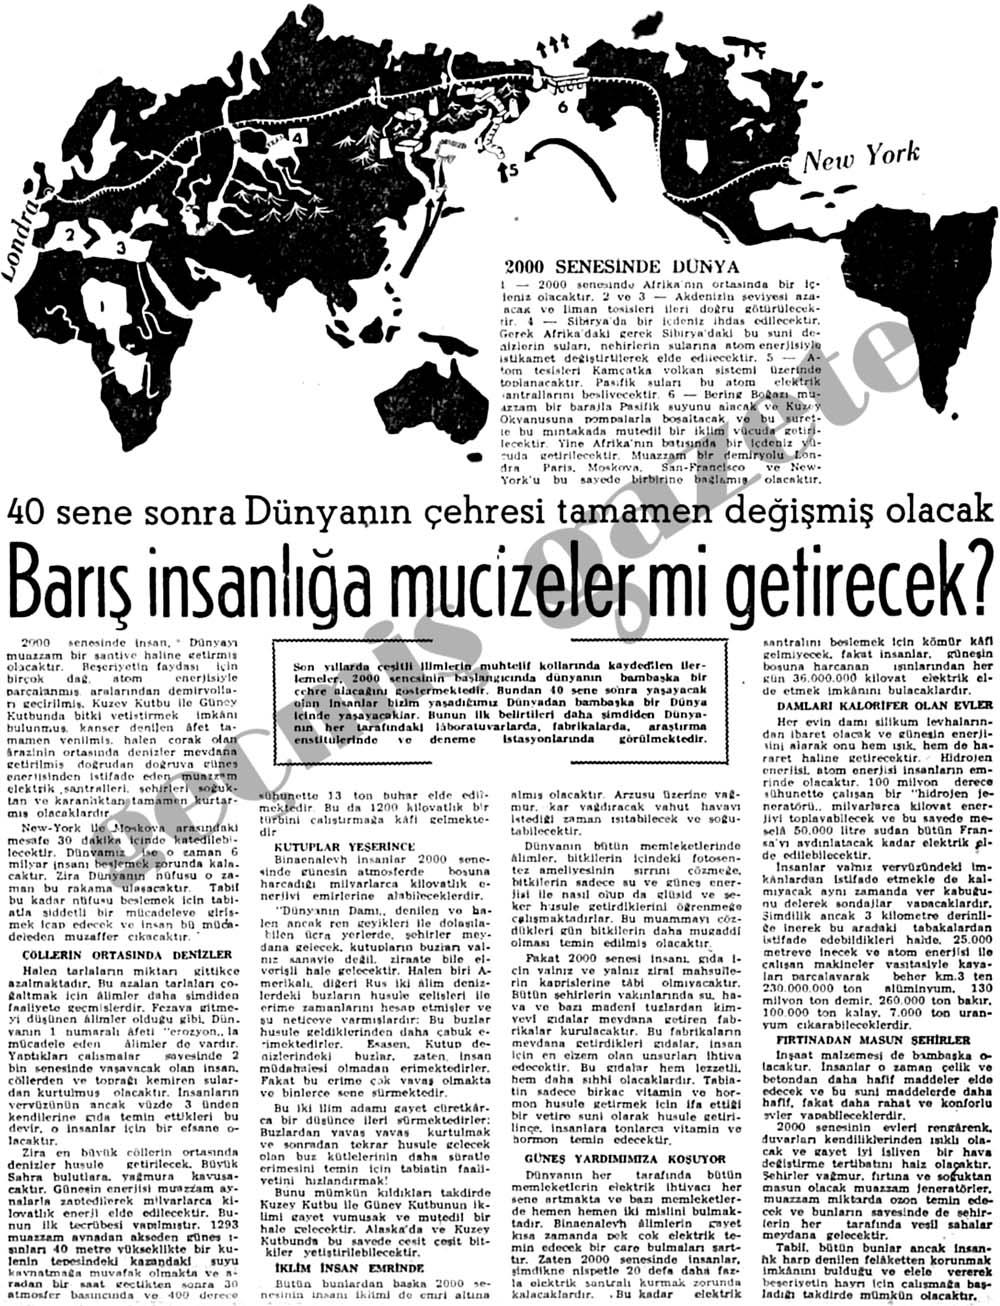 2000 senesinde dünya